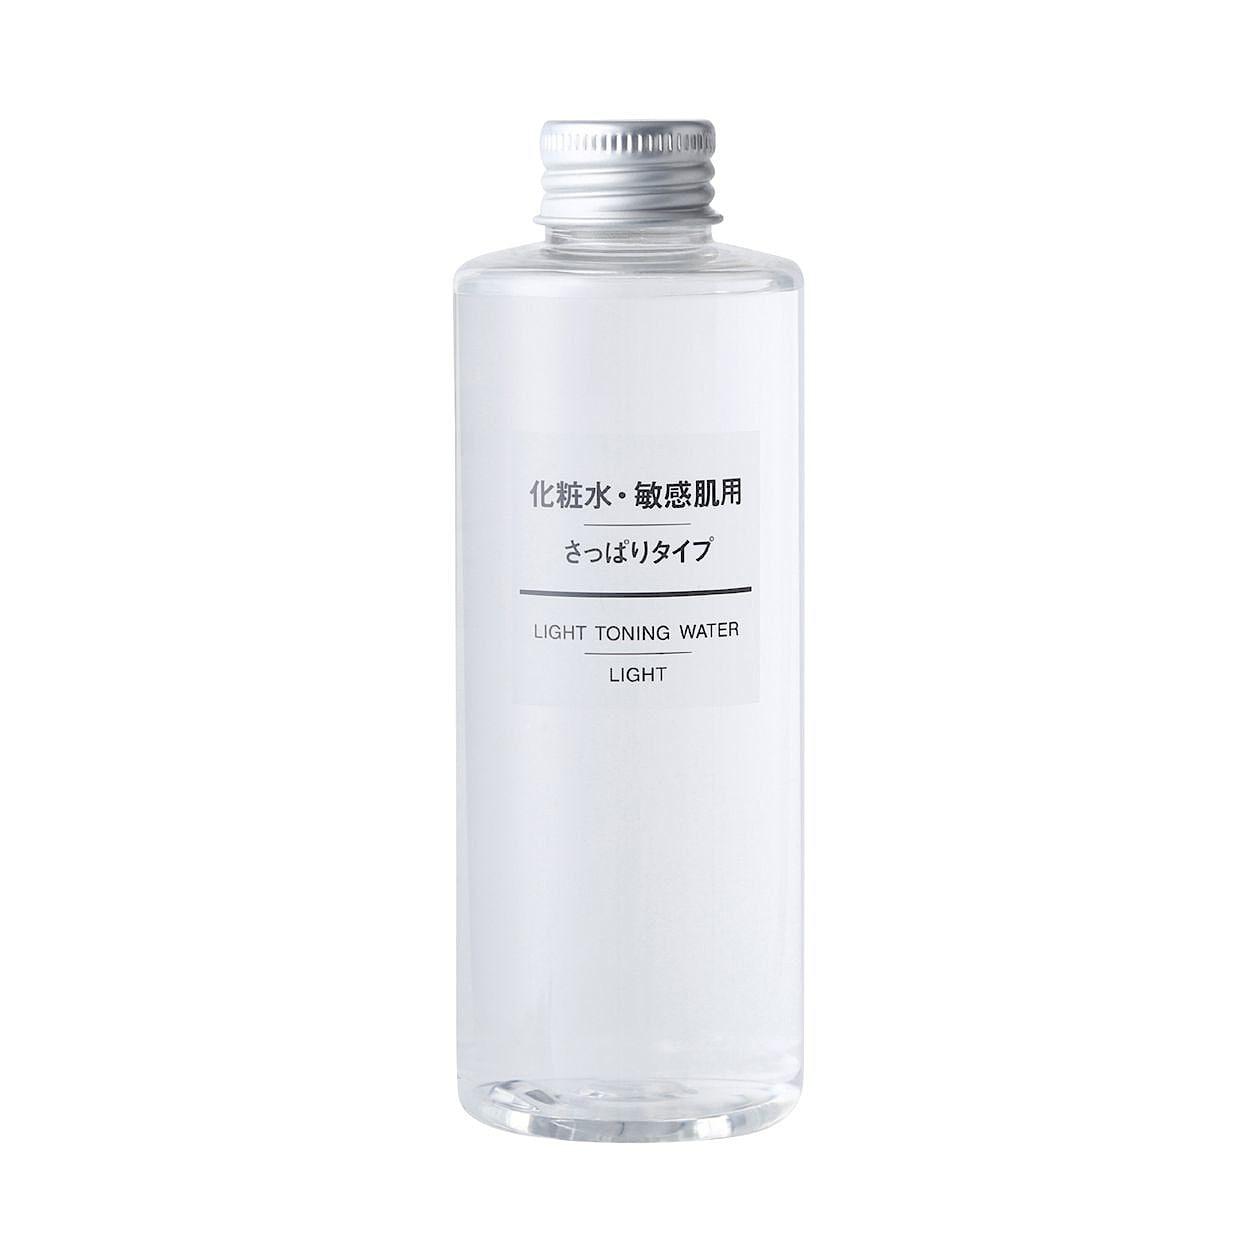 化粧水・敏感肌用・さっぱりタイプ 200ml | 敏感肌スキンケア ...